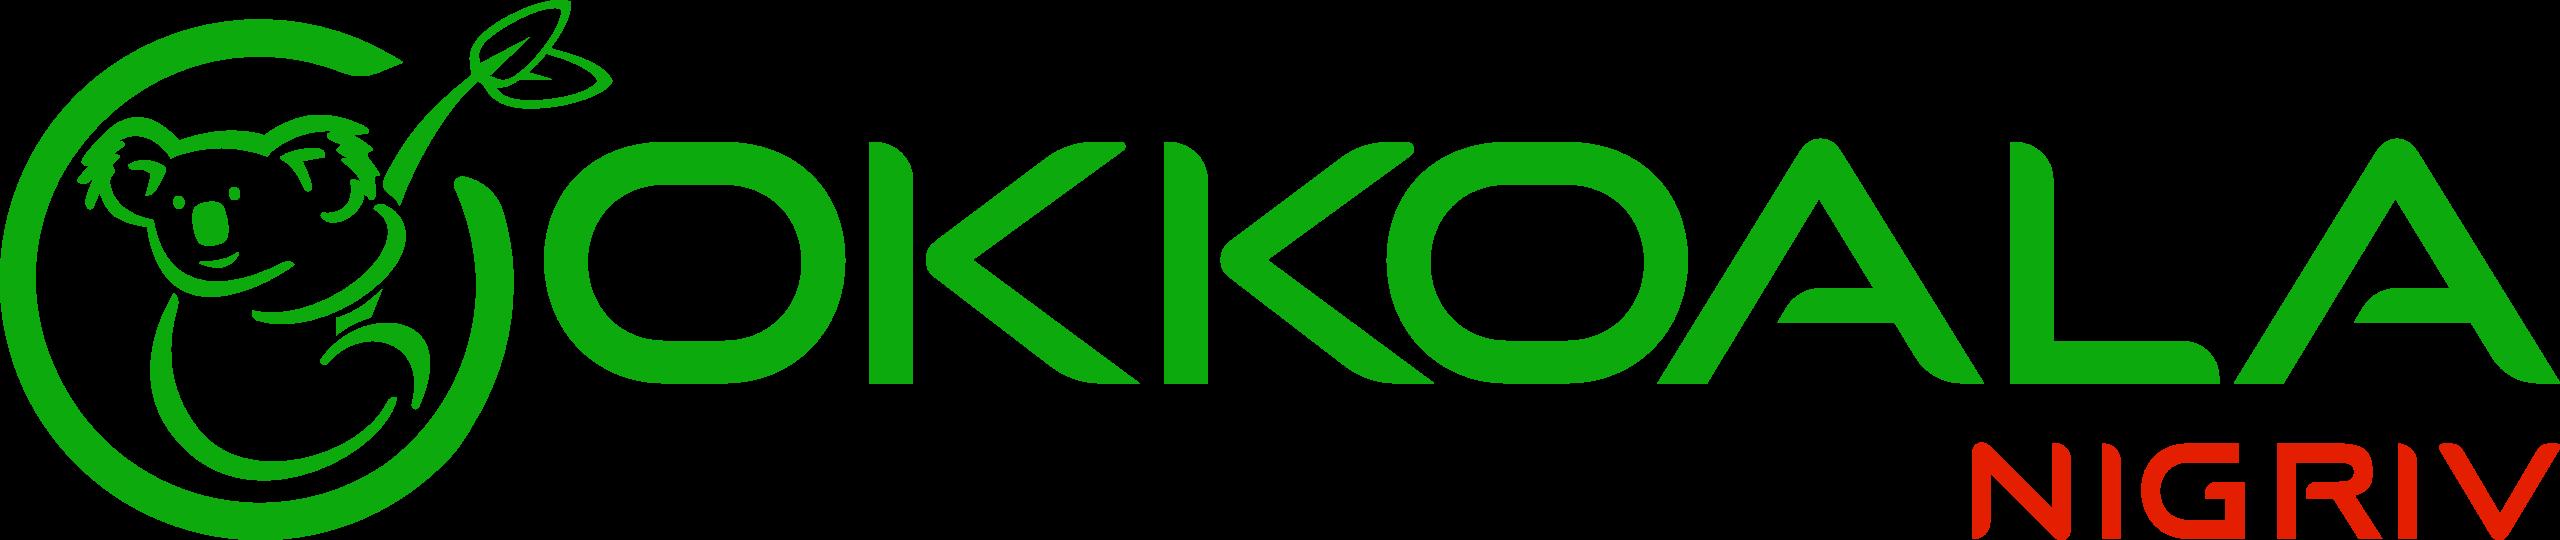 Pełny logotyp okKoala